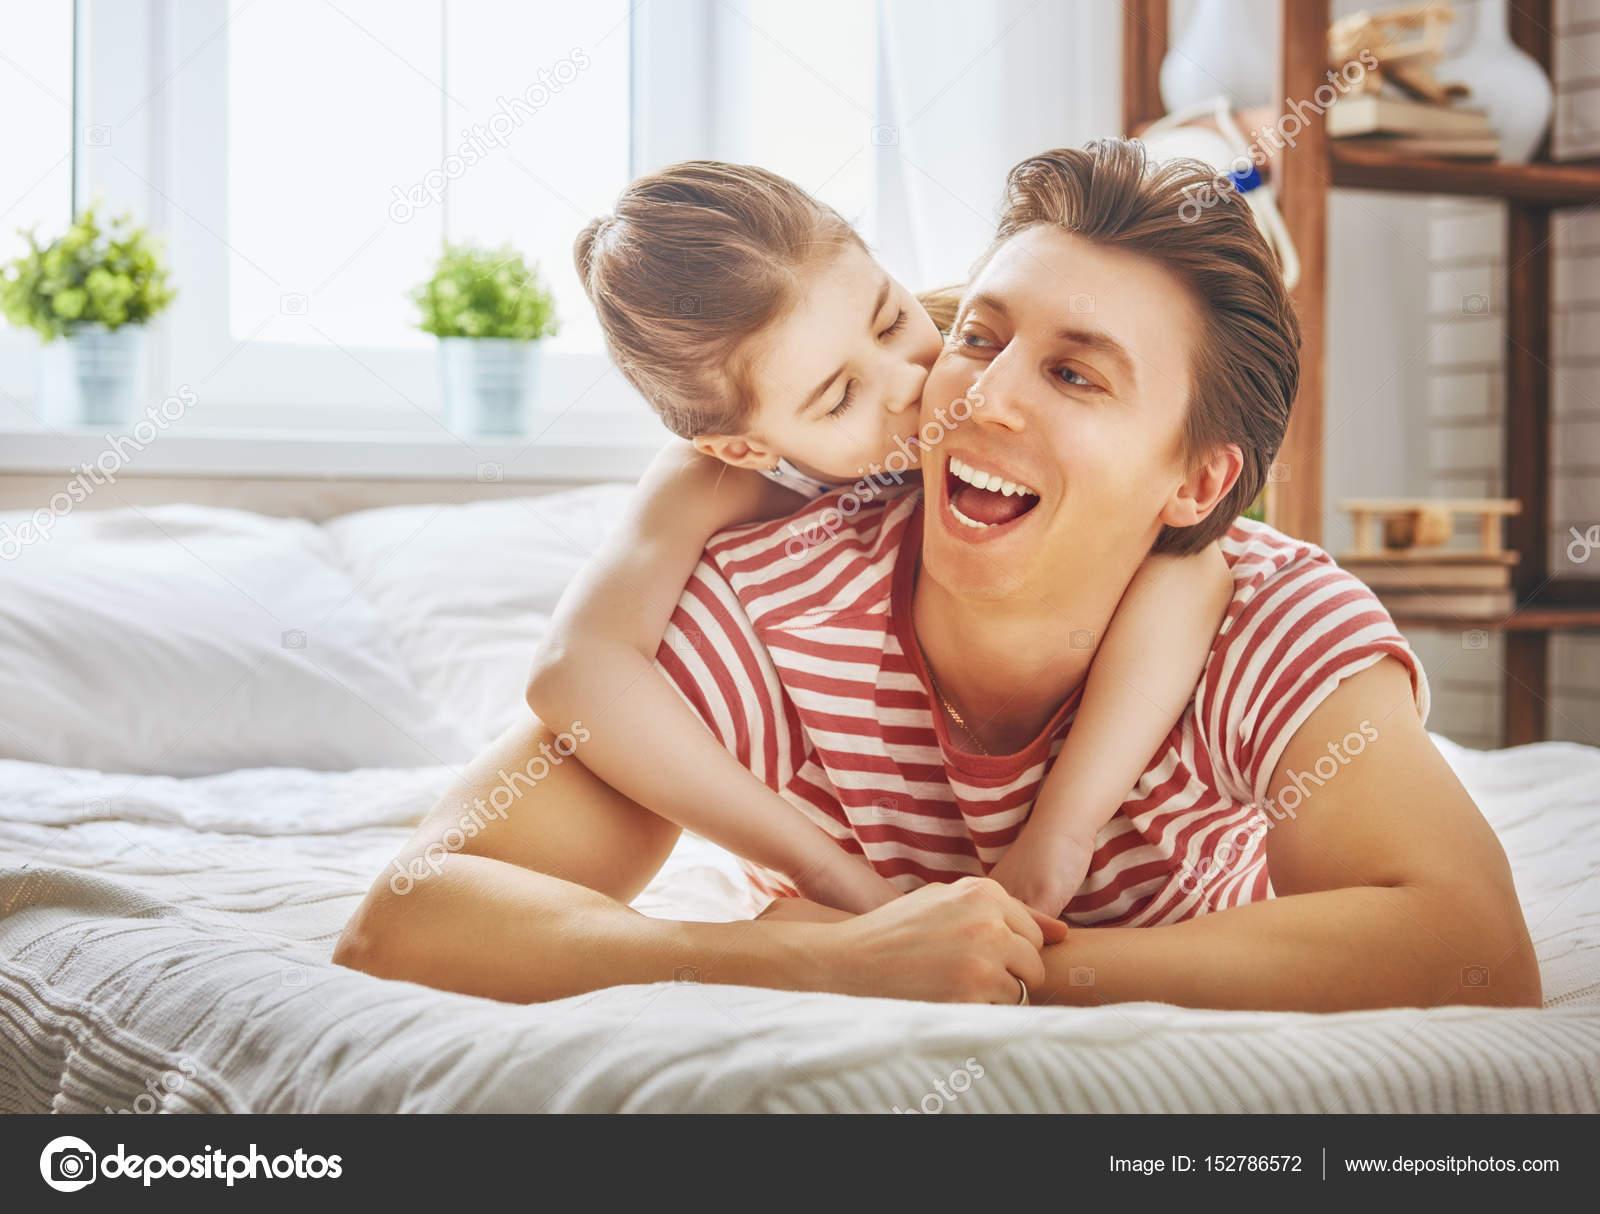 μπαμπάς μωρό κορίτσι dating είναι POF μια κακή ιστοσελίδα dating